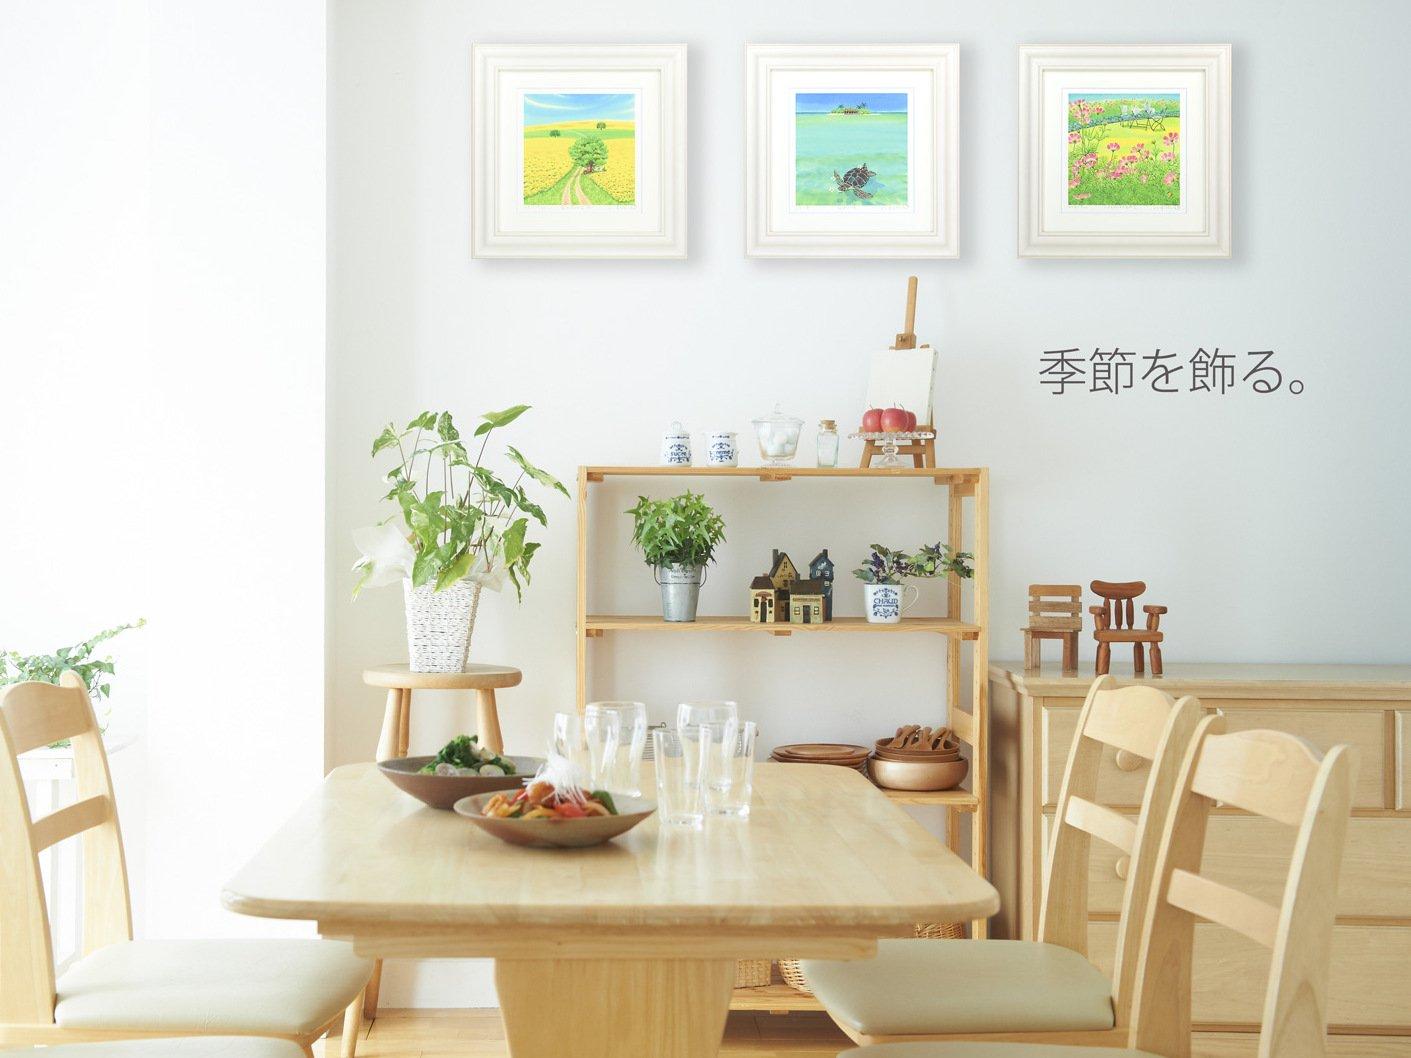 《絵画 水彩画》snowy home〔栗乃木ハルミ くりのきはるみ 〕